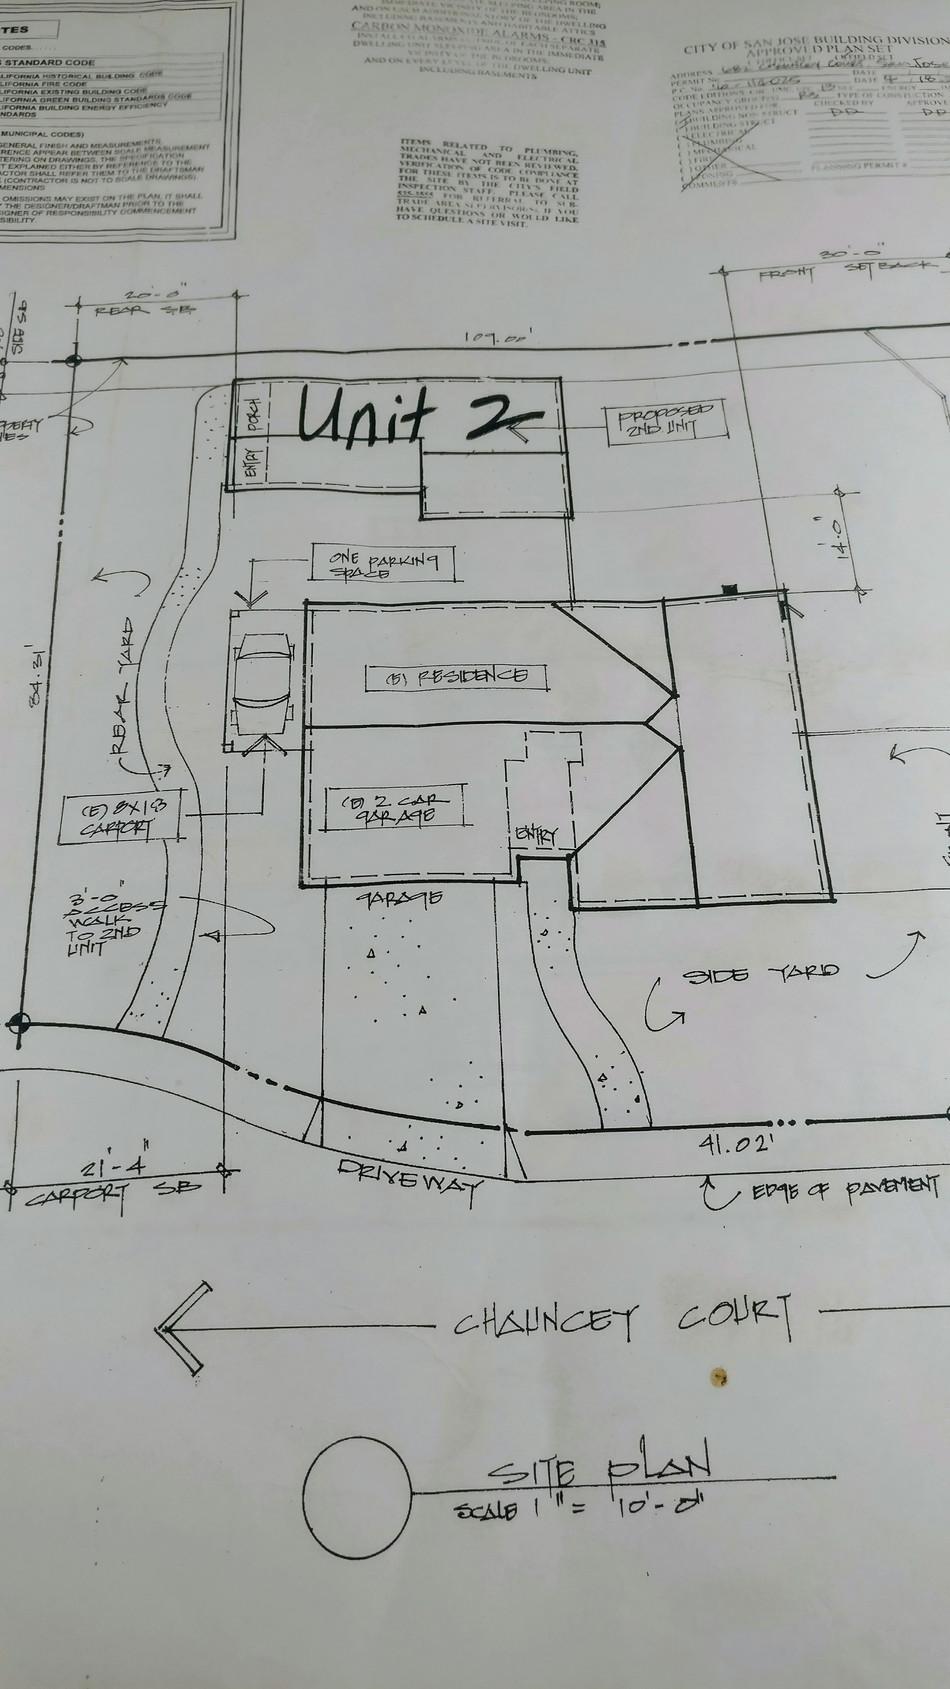 ADU Builder makes West San Jose construction site visit